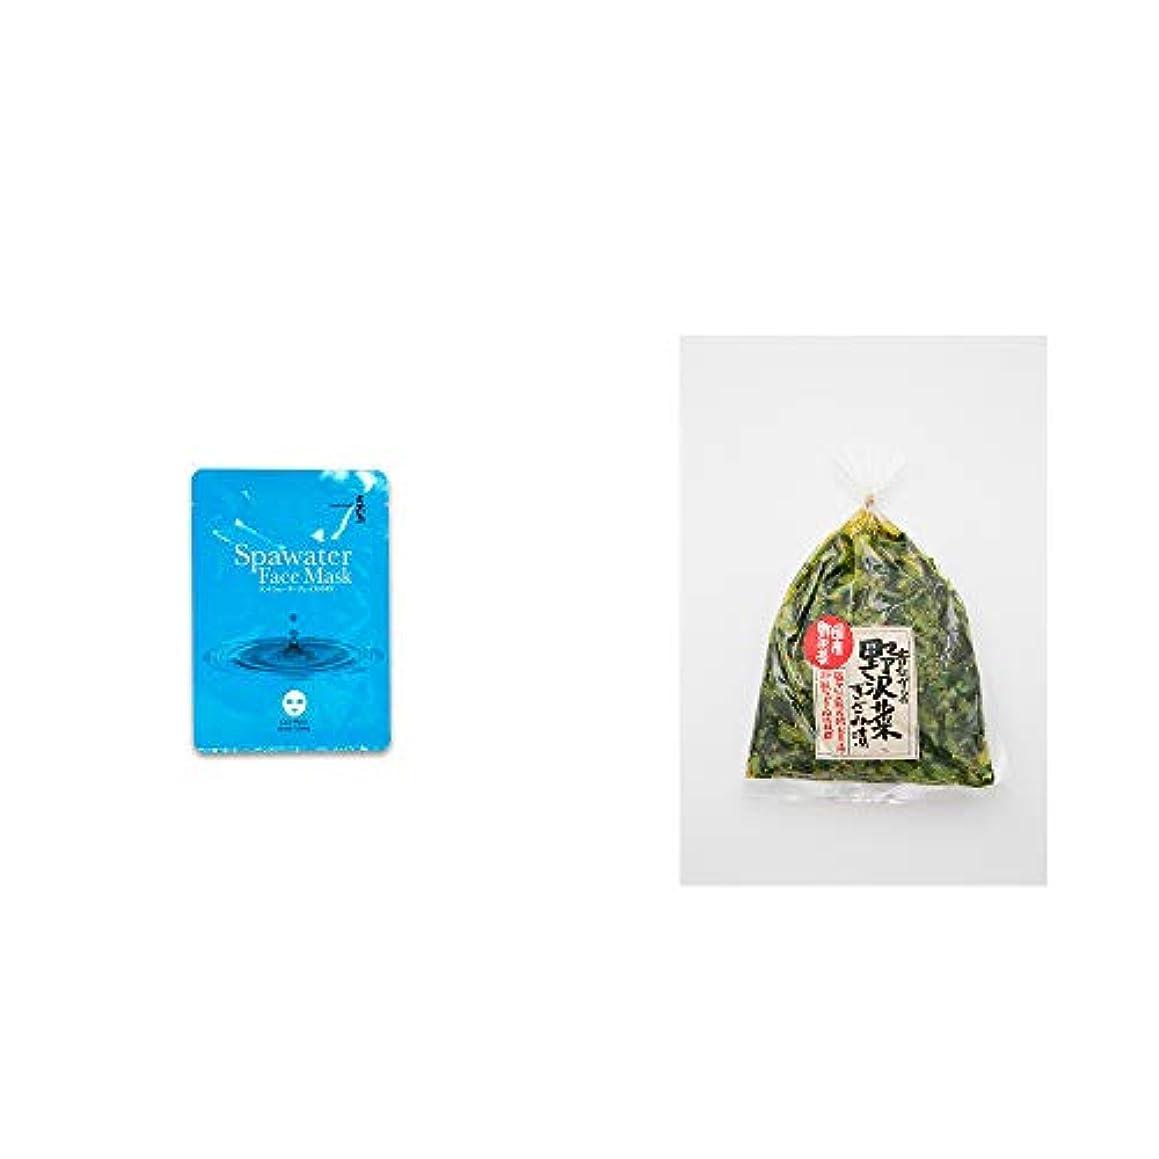 真剣に本物の特派員[2点セット] ひのき炭黒泉 スパウォーターフェイスマスク(18ml×3枚入)?国産 昔ながらの野沢菜きざみ漬け(150g)